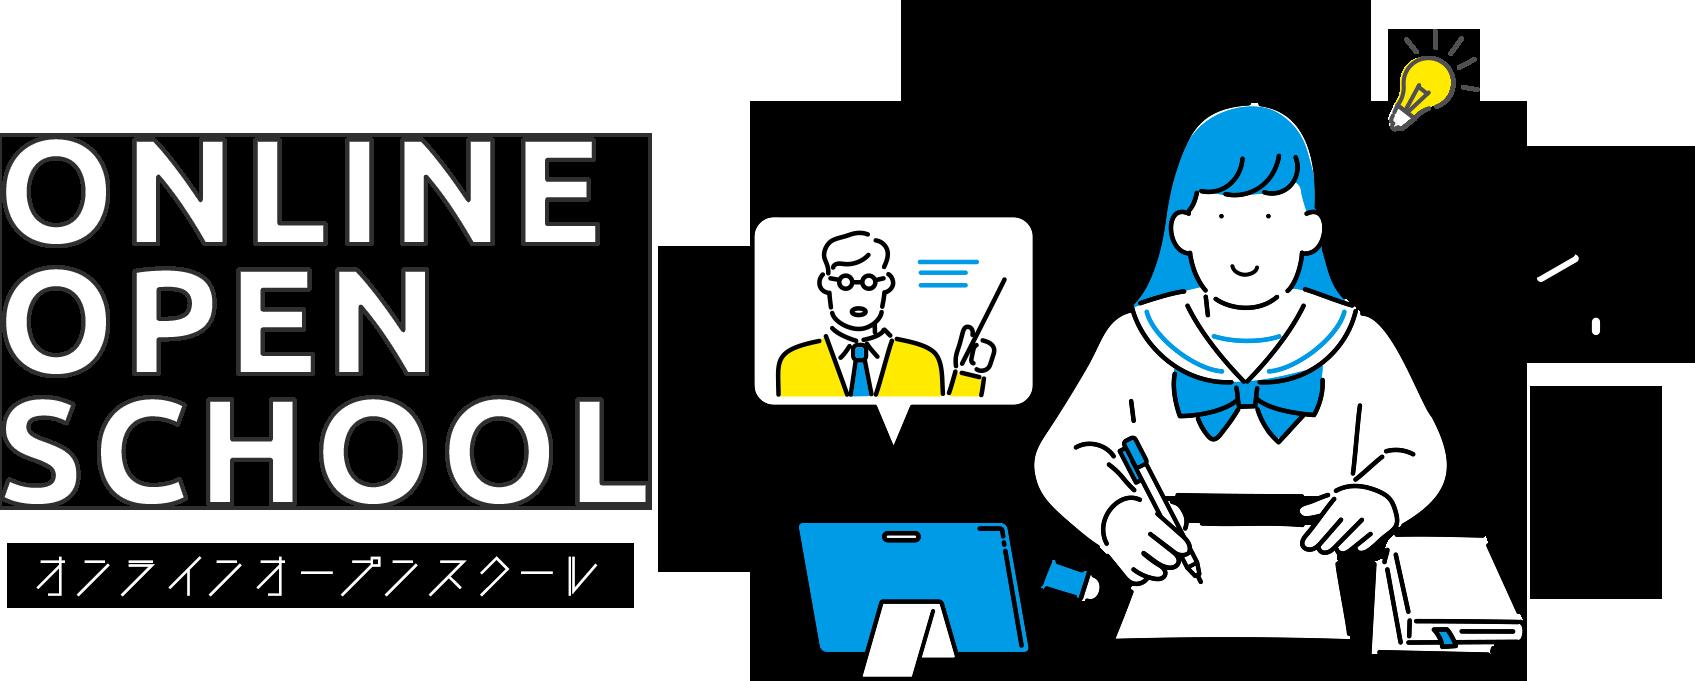 オンラインオープンスクール